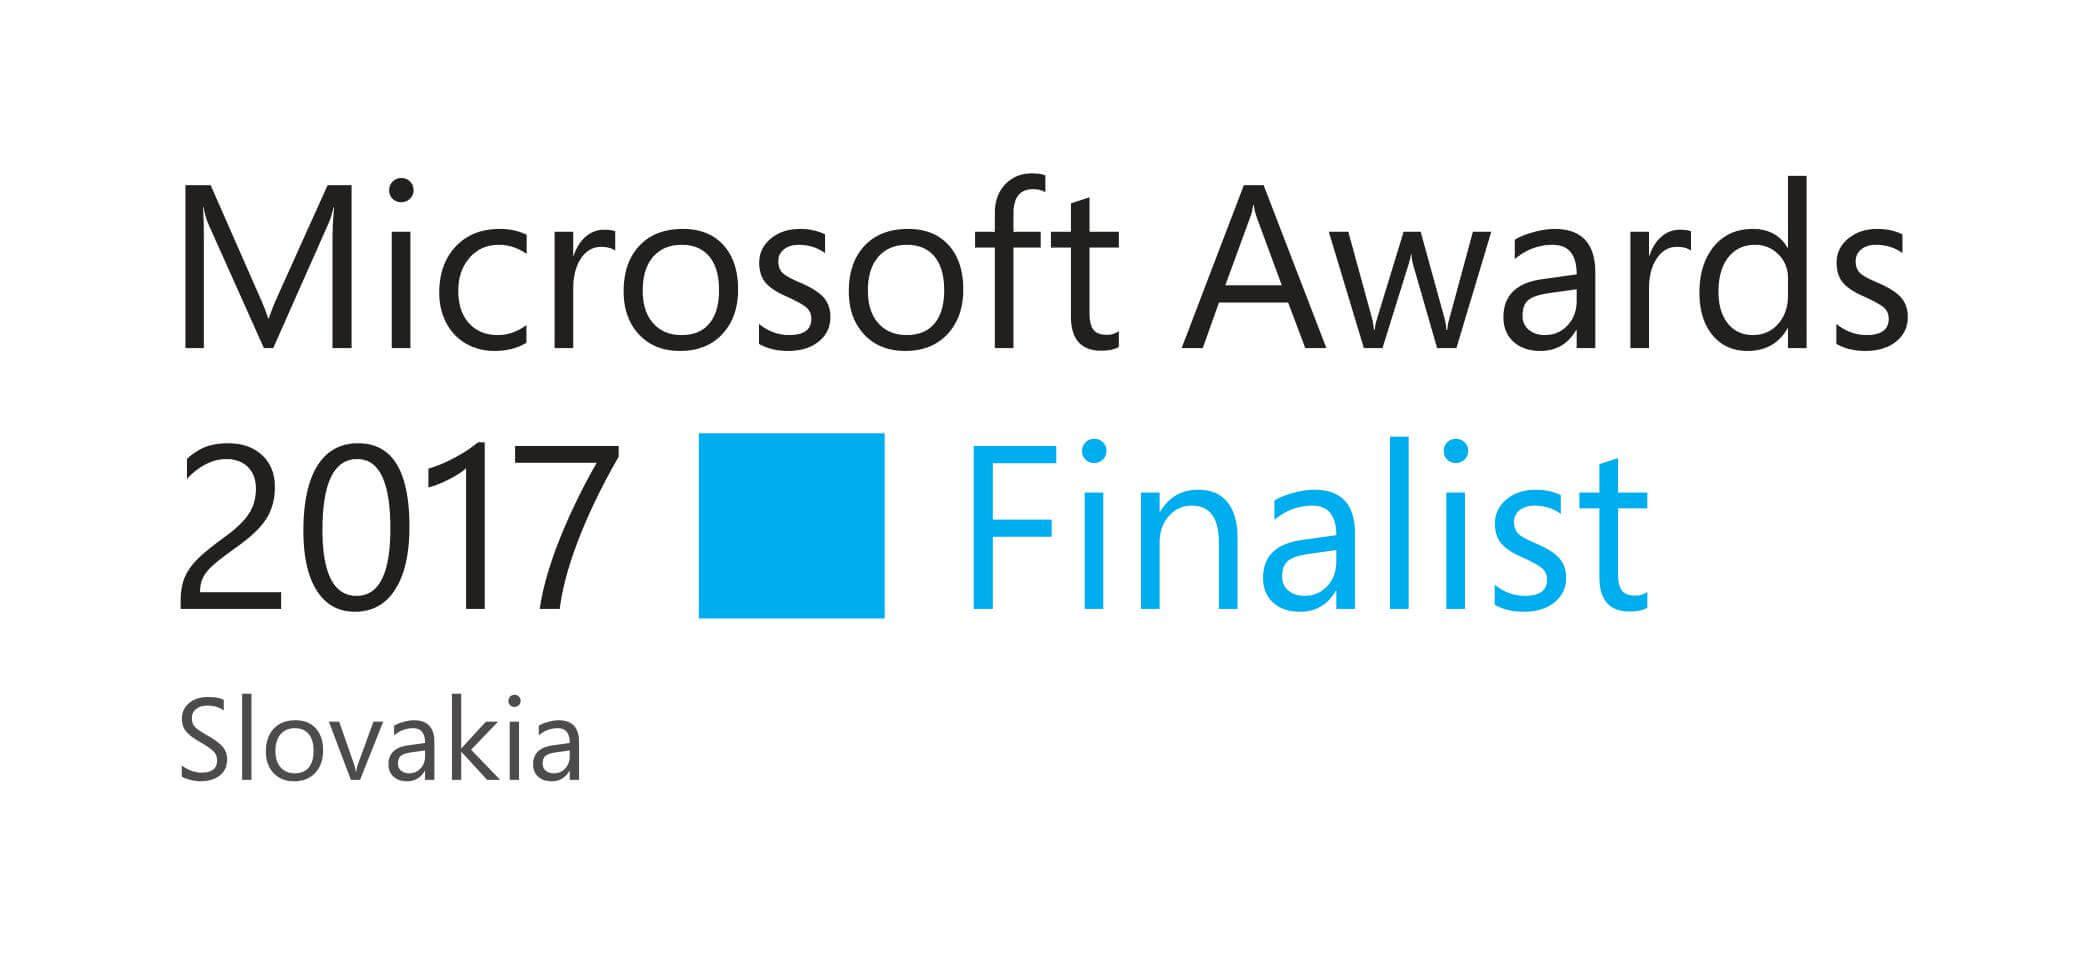 Microsoft Award 2017 - Finalist